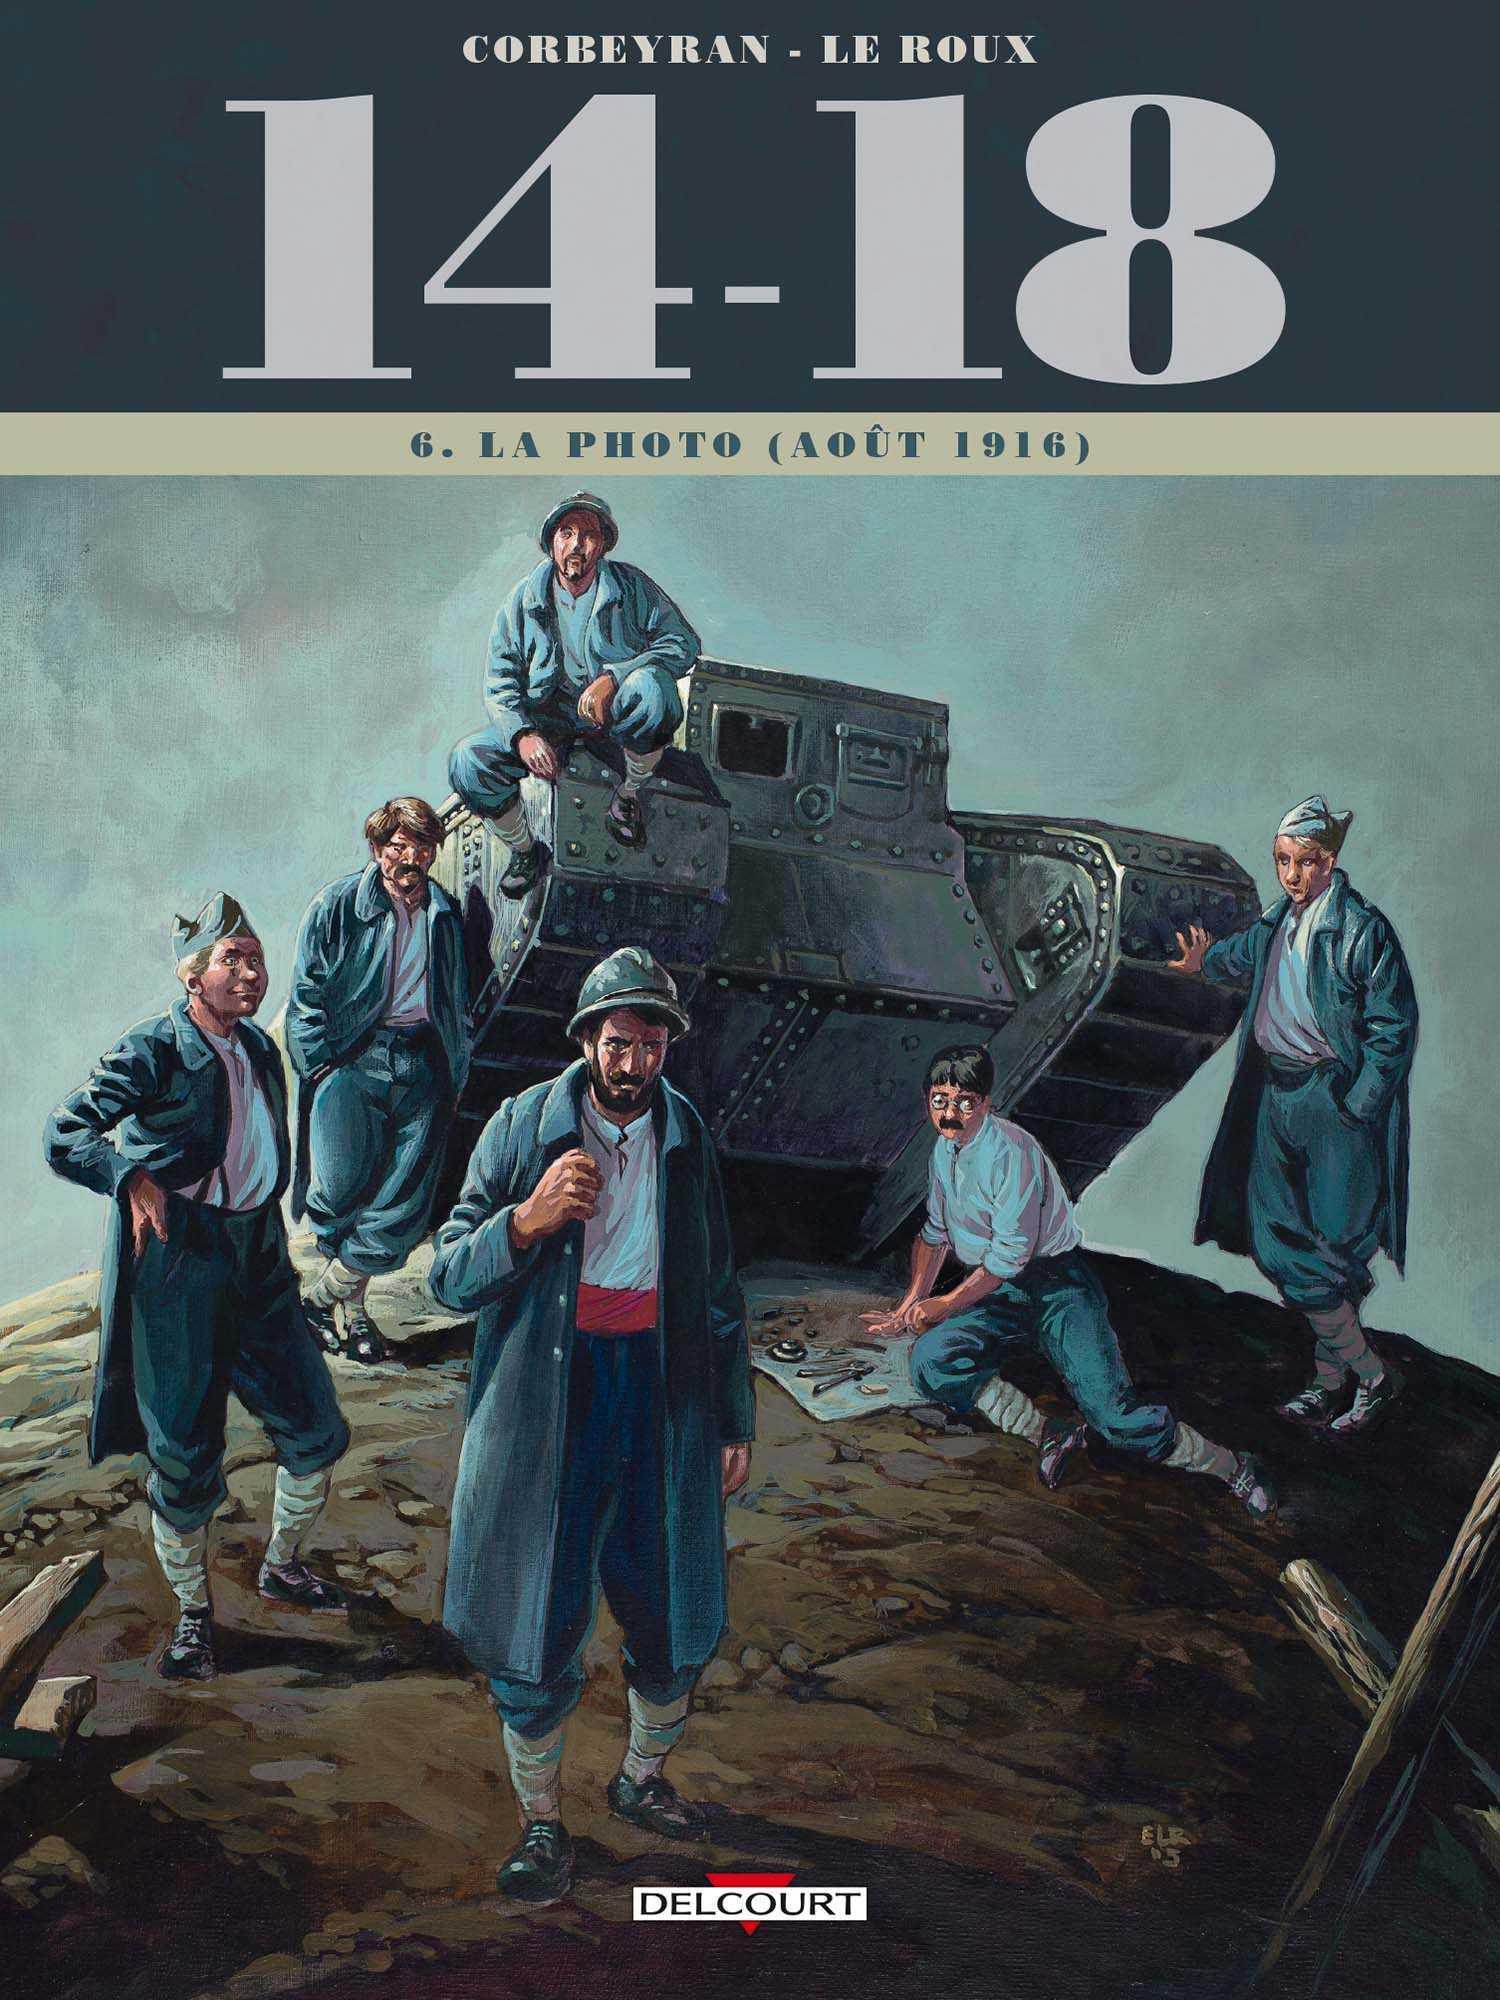 14-18 T6, les chars font leurs débuts